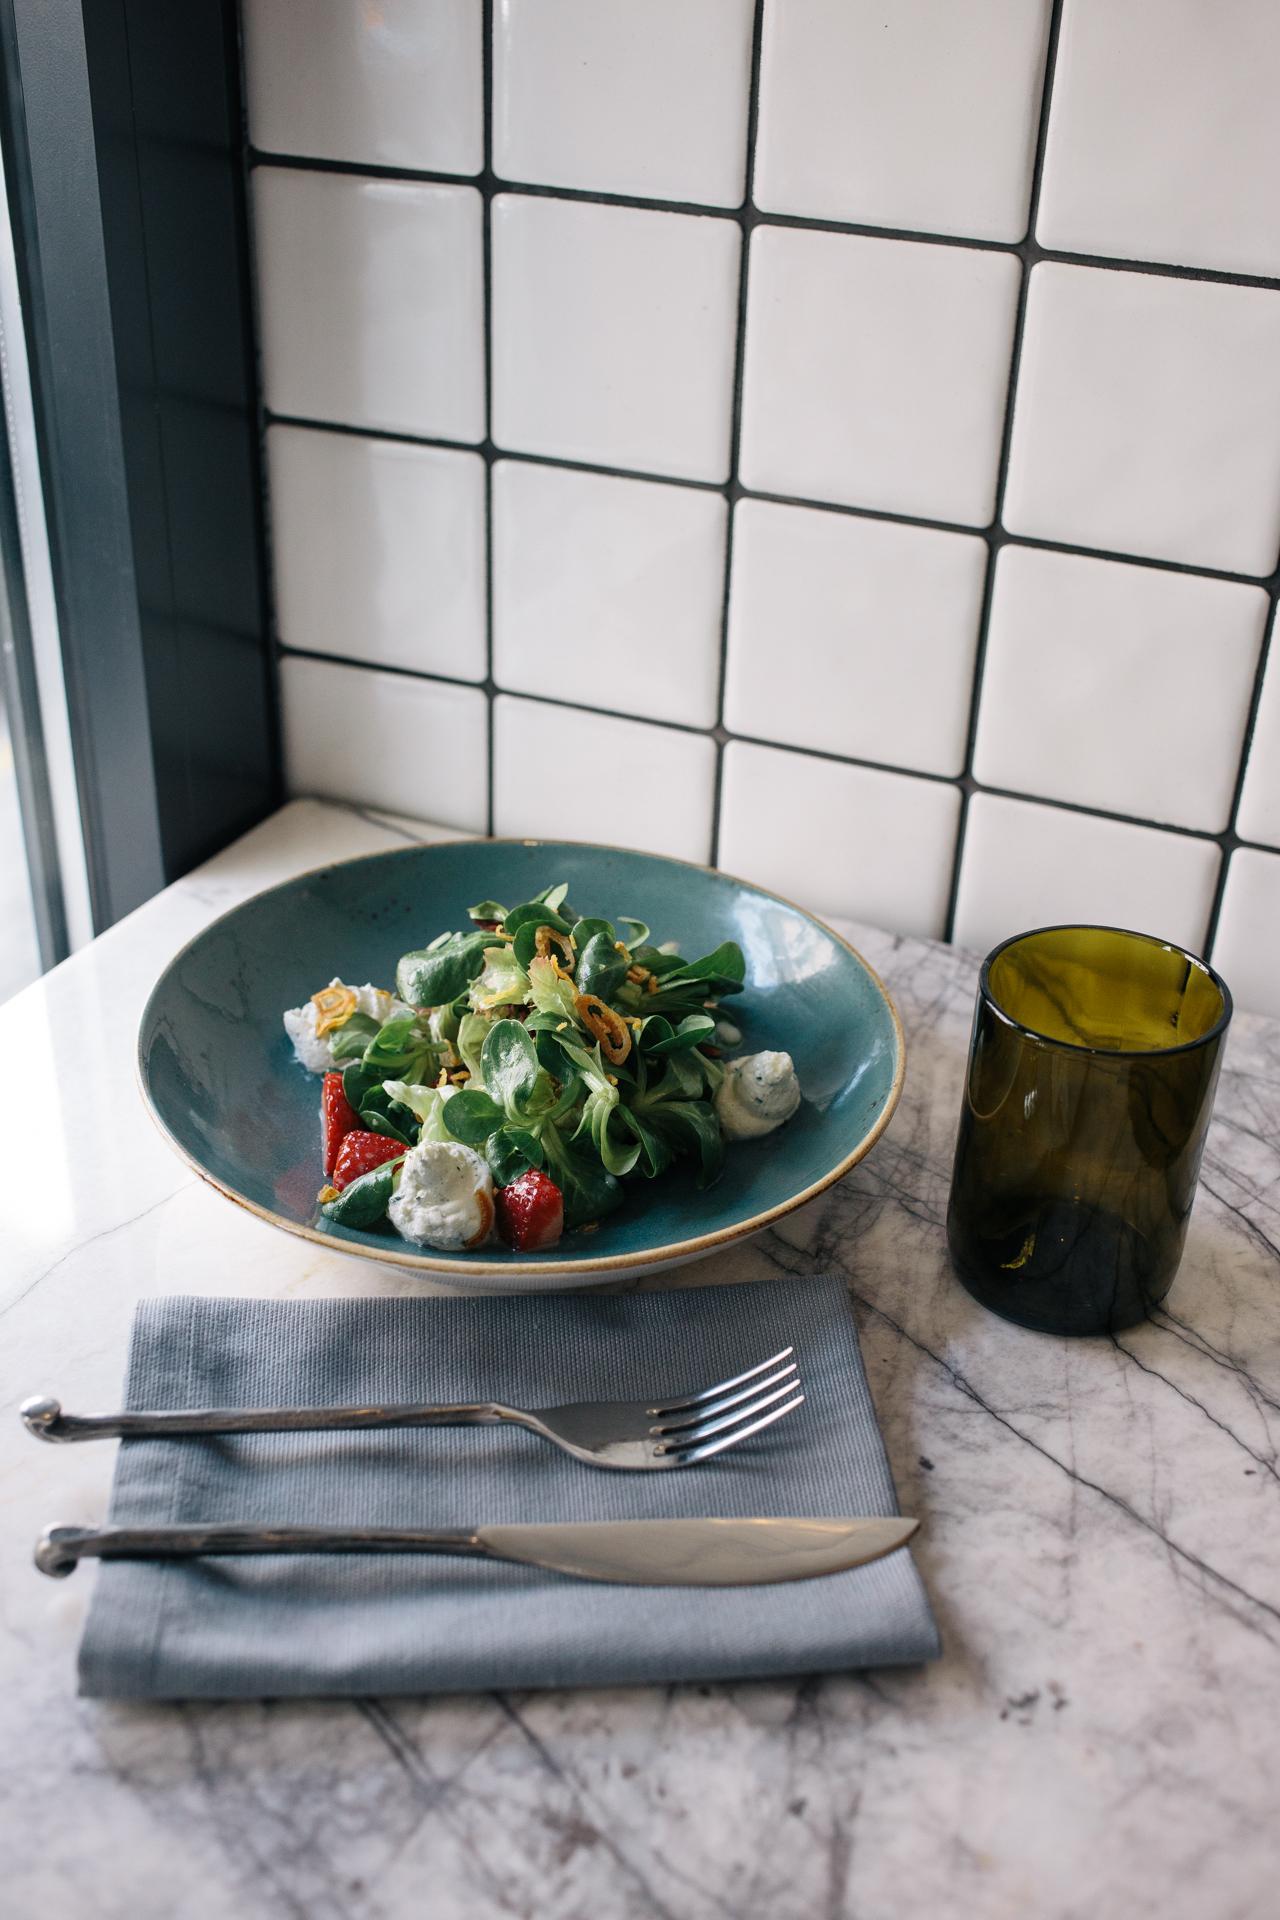 Салат с клубникой и сырным муссом (Микс салат с клубникой, белым бальзамиком и муссом из сыра фета с зеленью)